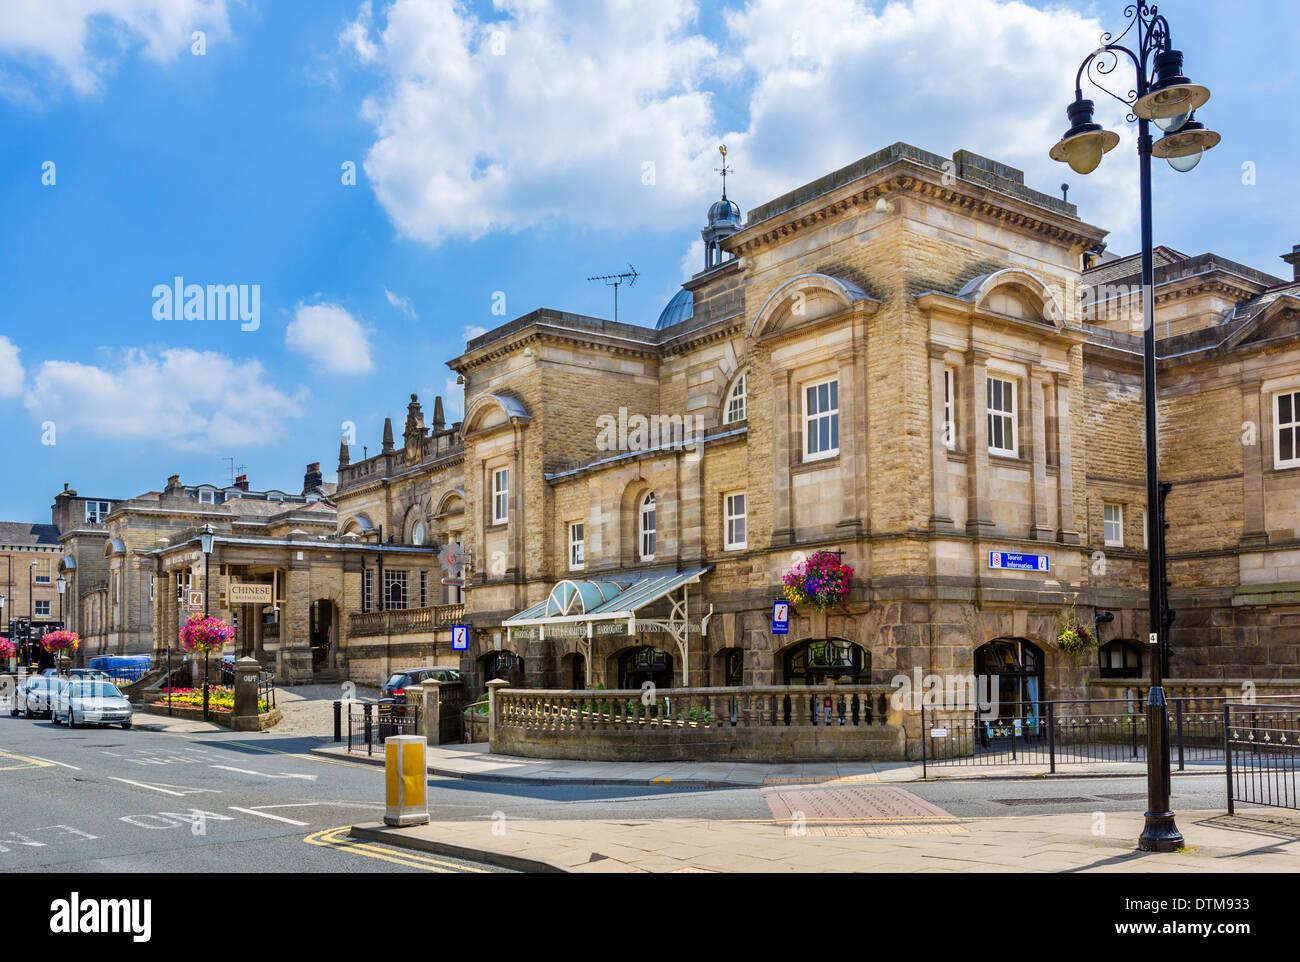 Los baños real edificios, Harrogate, North Yorkshire, Inglaterra, Reino Unido. Imagen De Stock